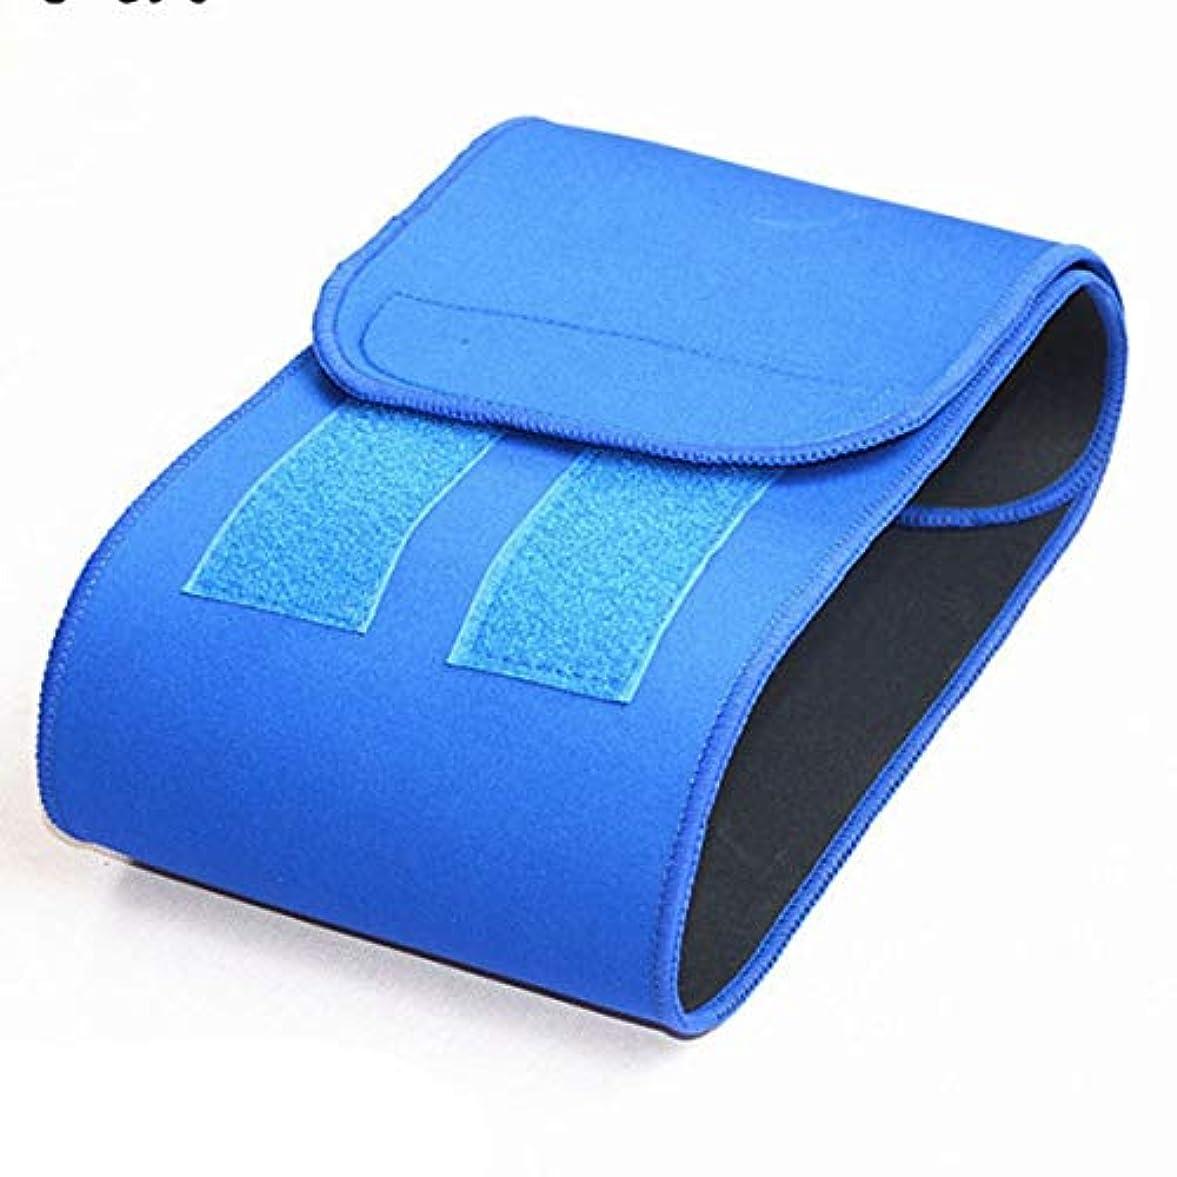 通気性トレーニングウエストバンドHYLエクササイズウエストサポート男性女性快適なフィットネススポーツ保護腹 - 青